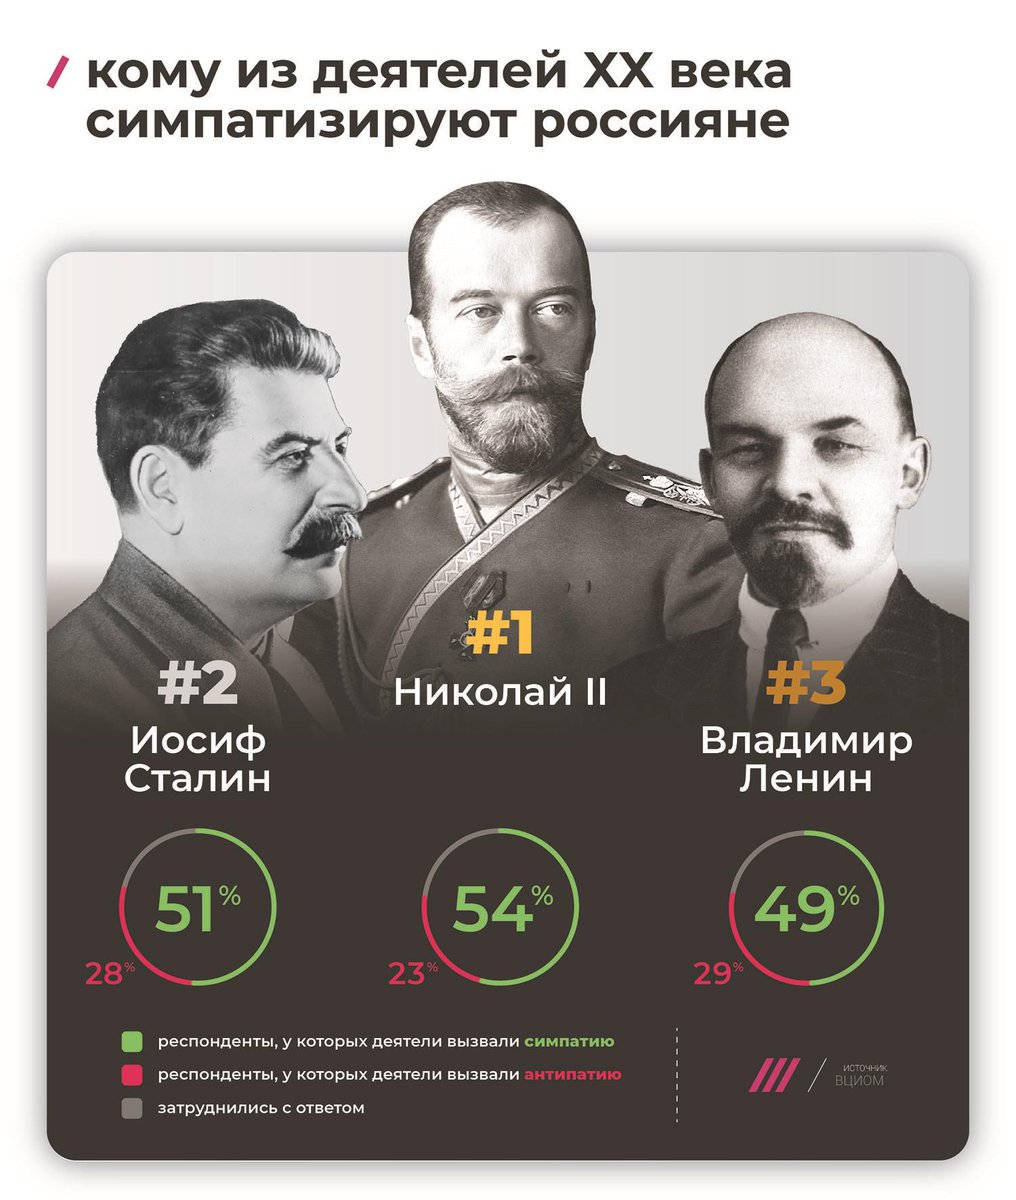 Польща проти перезавантаження у відносинах із РФ, - Дуда - Цензор.НЕТ 2041